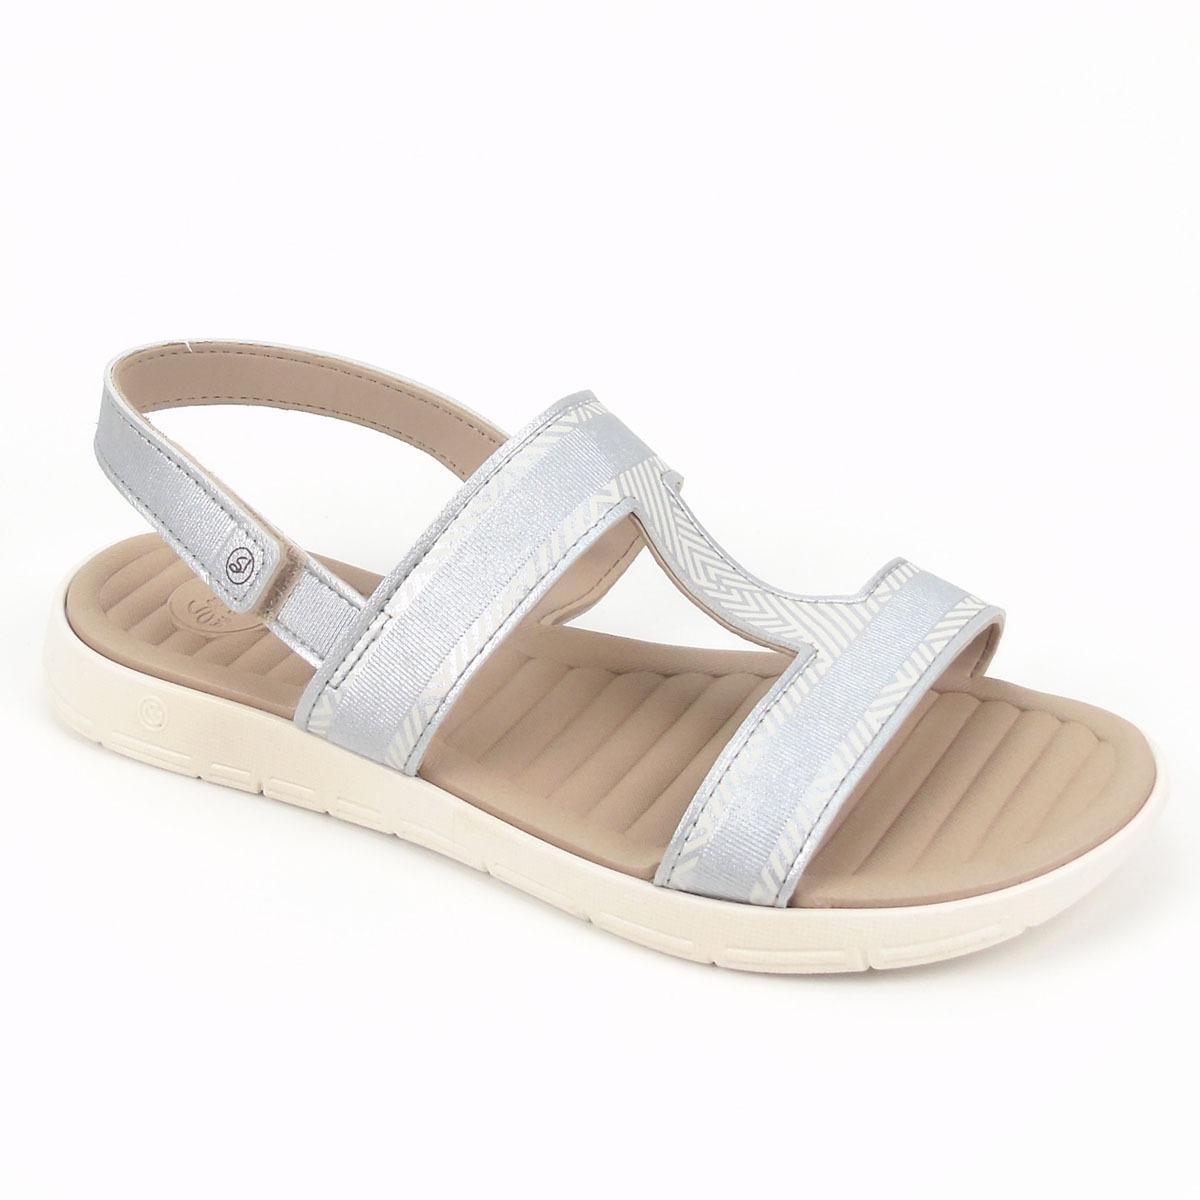 057756eb3b sandália grendha sense soft na cor prata. Carregando zoom.